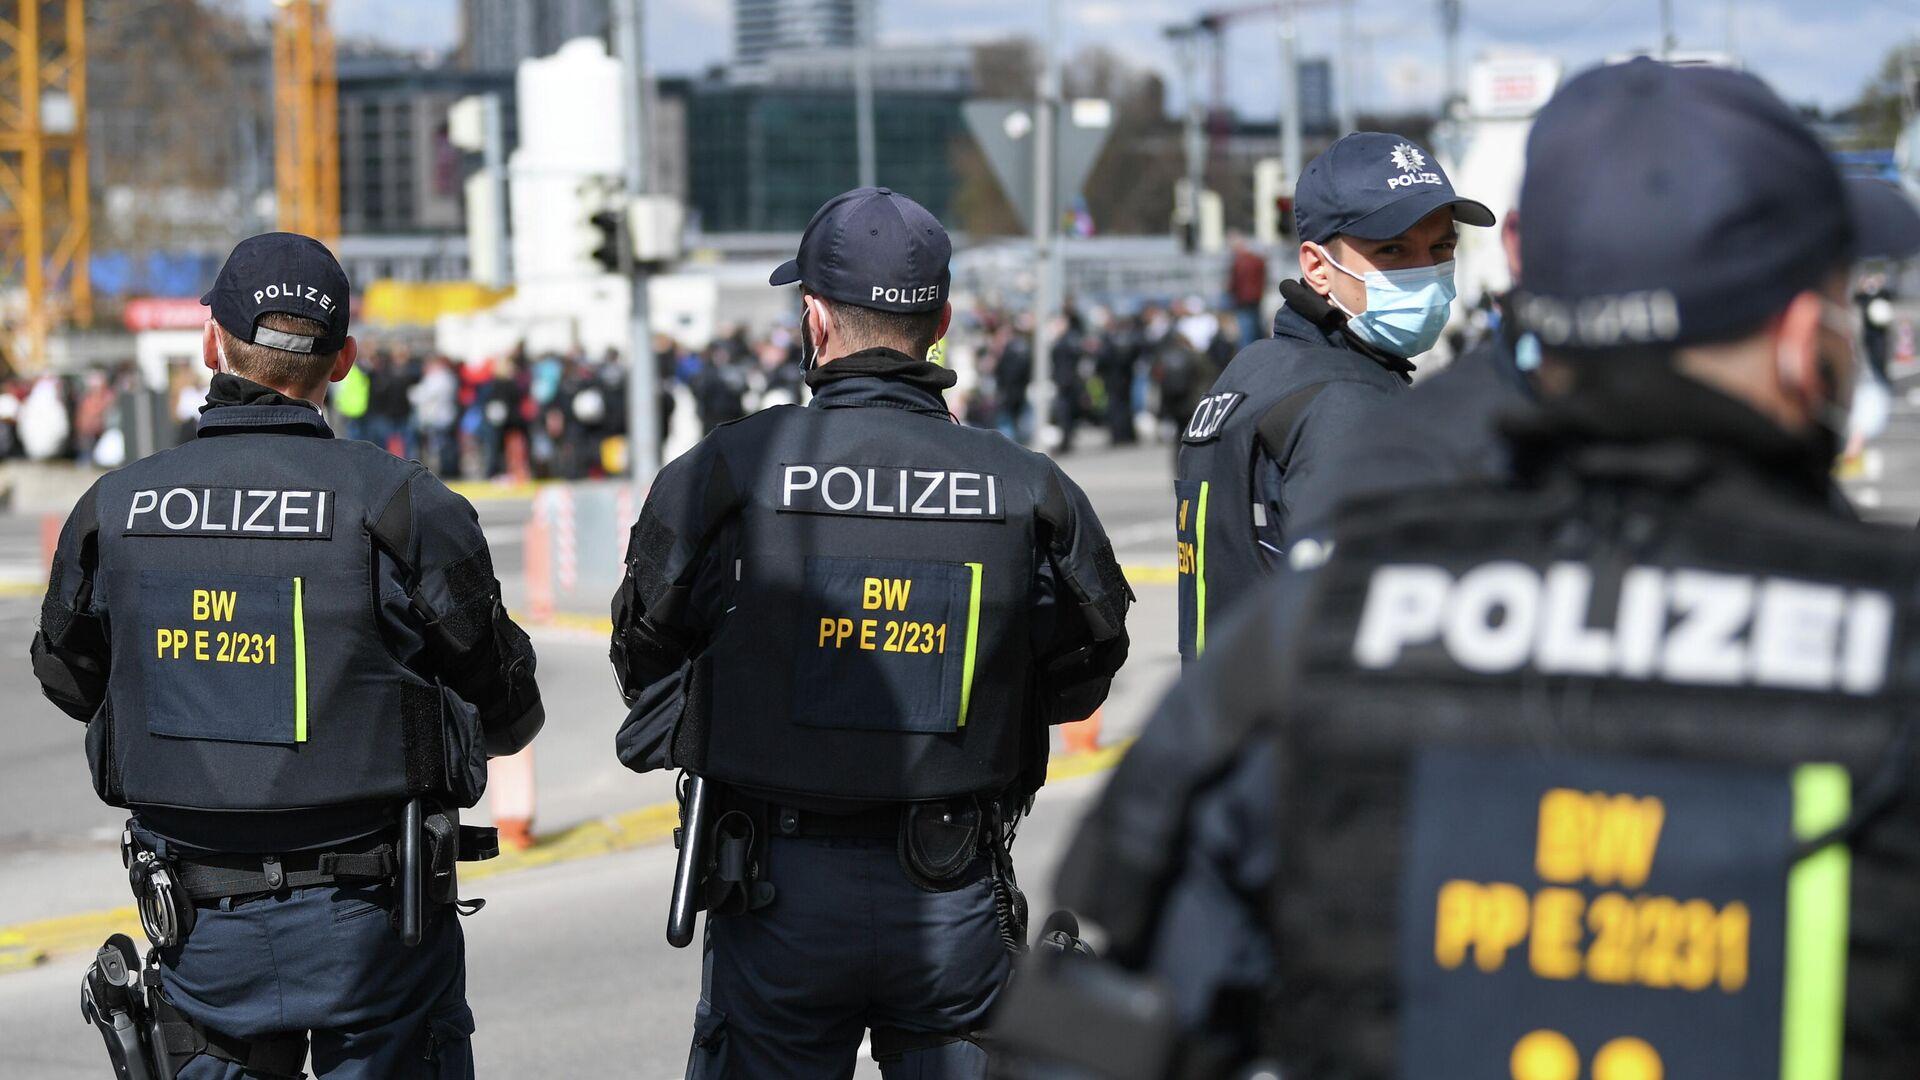 Polizei bei den Protesten gegen die Corona-Politik in Stuttgart, 3. April 2021 - SNA, 1920, 28.04.2021